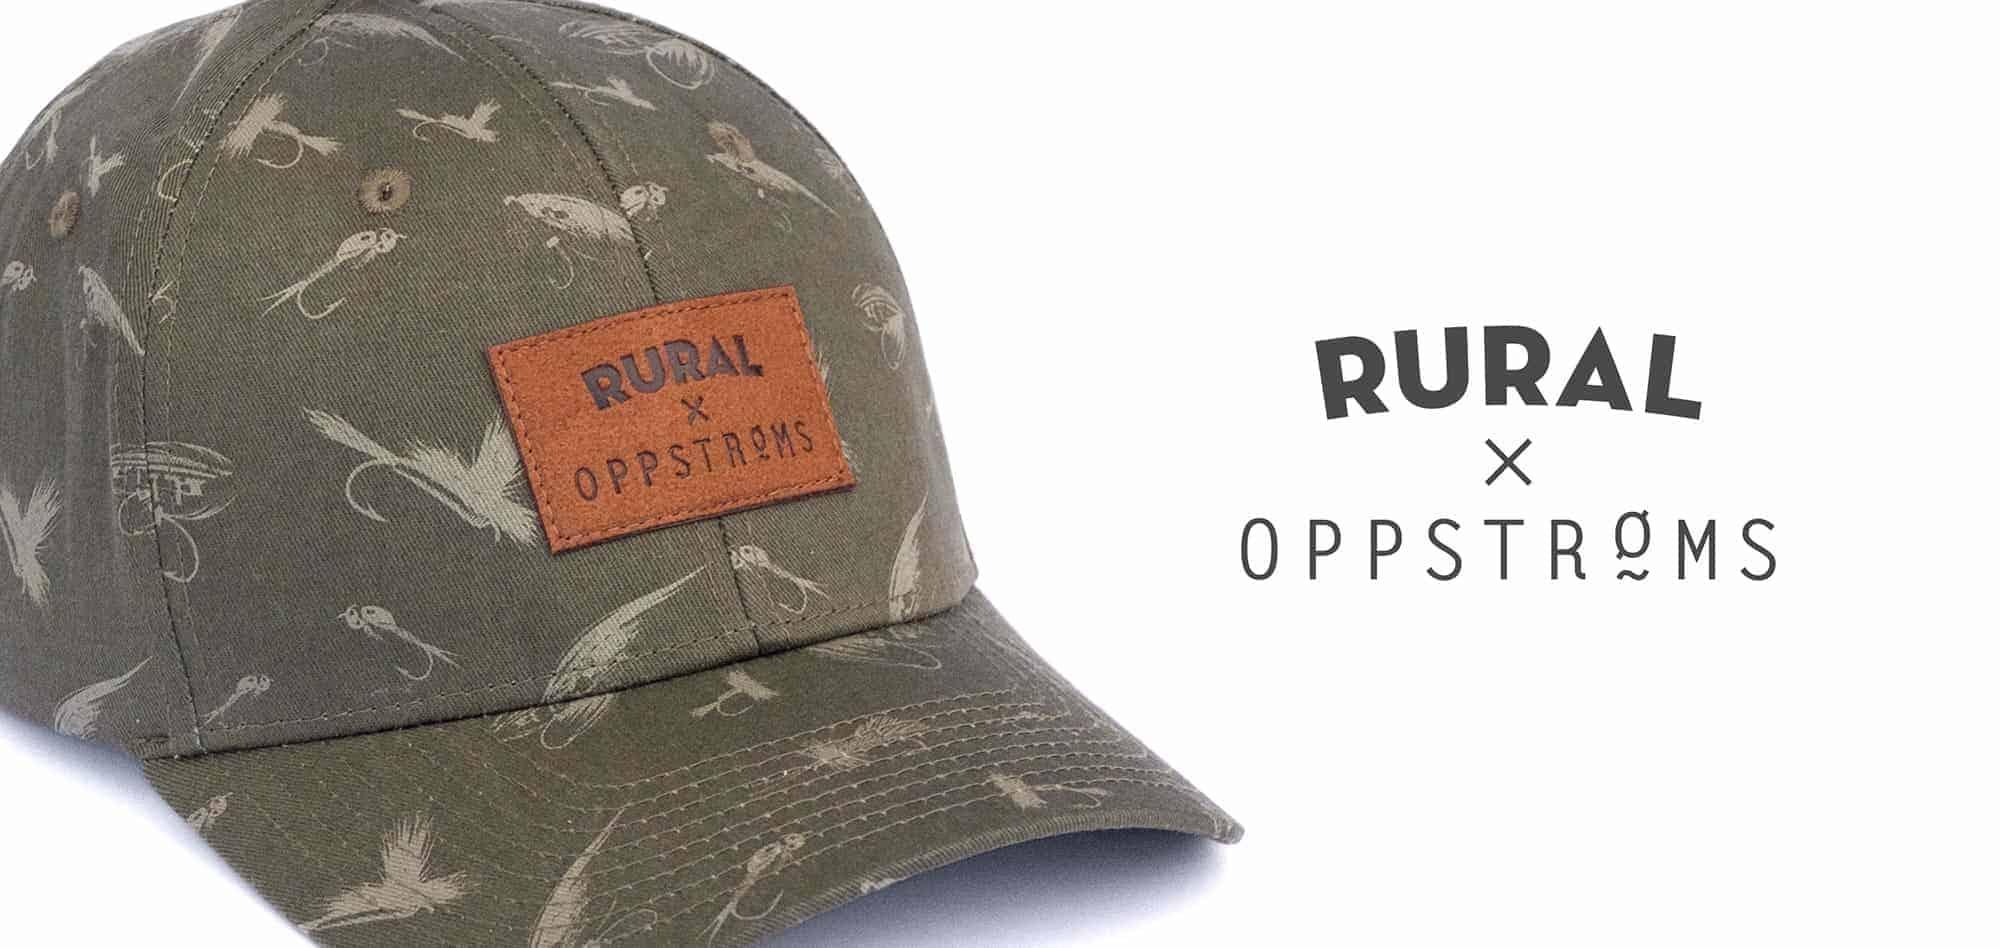 opstrms_x_rural_trucker